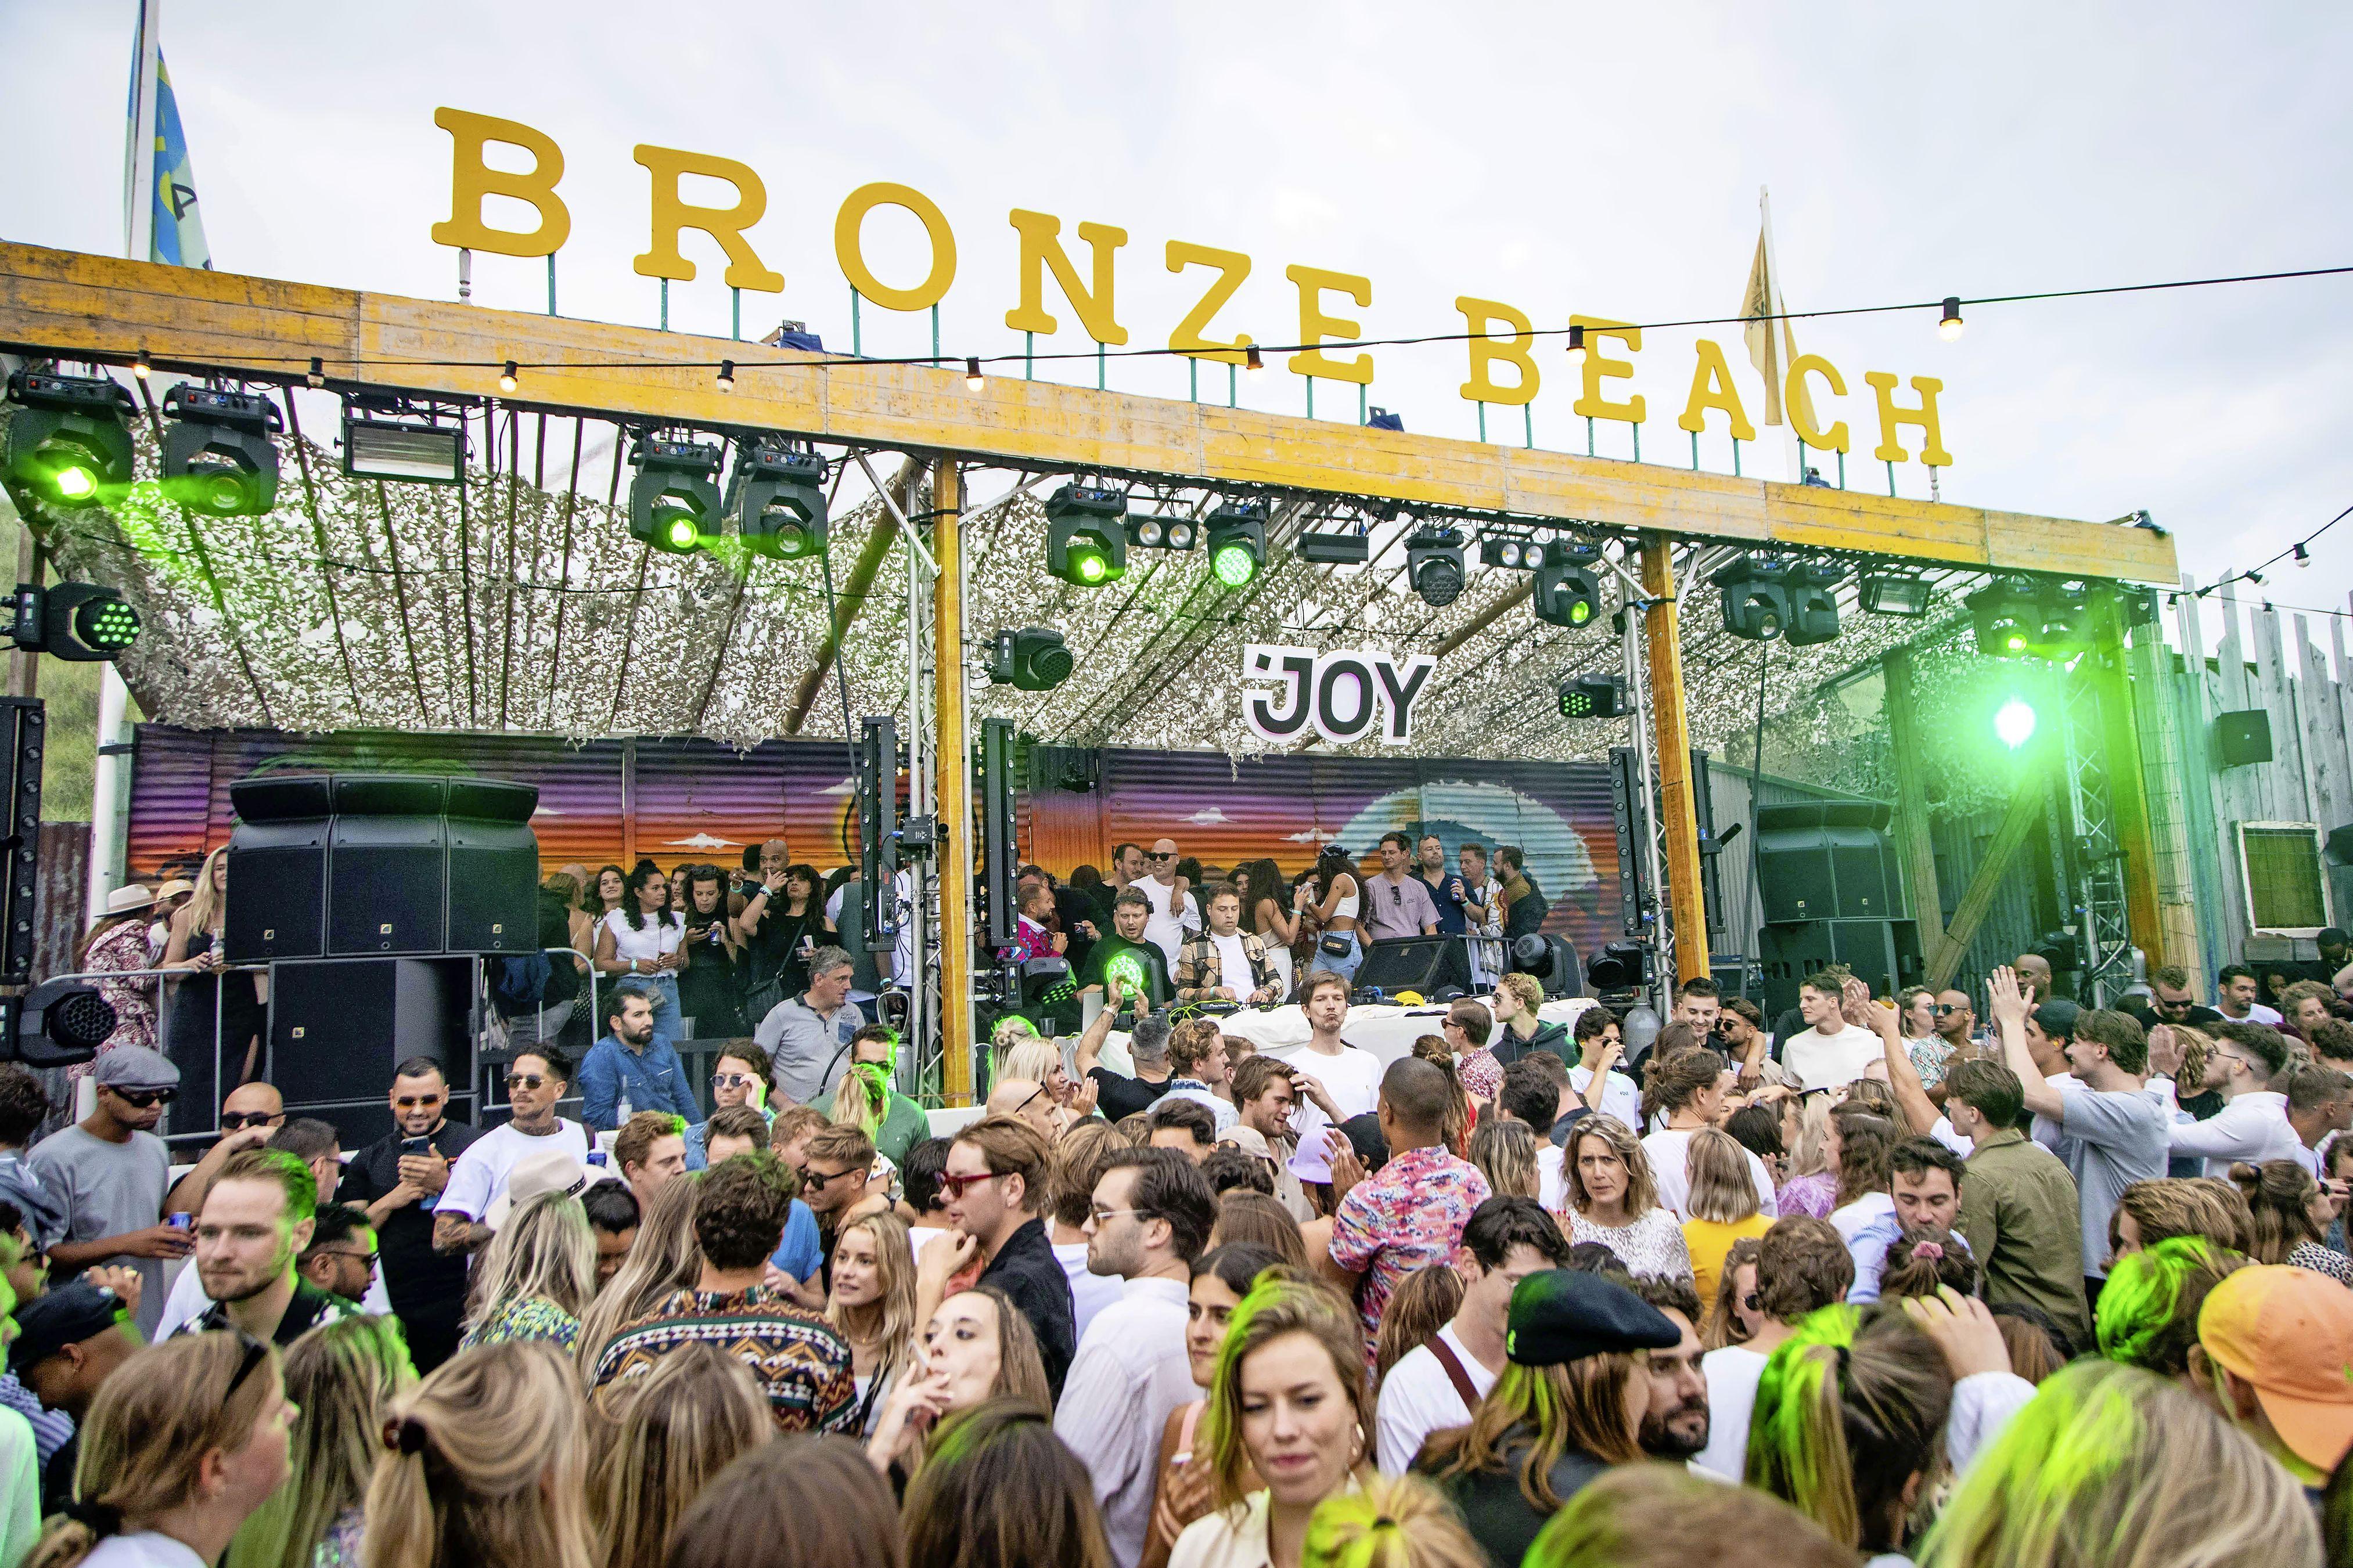 Strandfeesten losgebarsten op Bloemendaal aan Zee: 'Stond de muziek altijd zo hard? Ik ben het niet meer gewend'